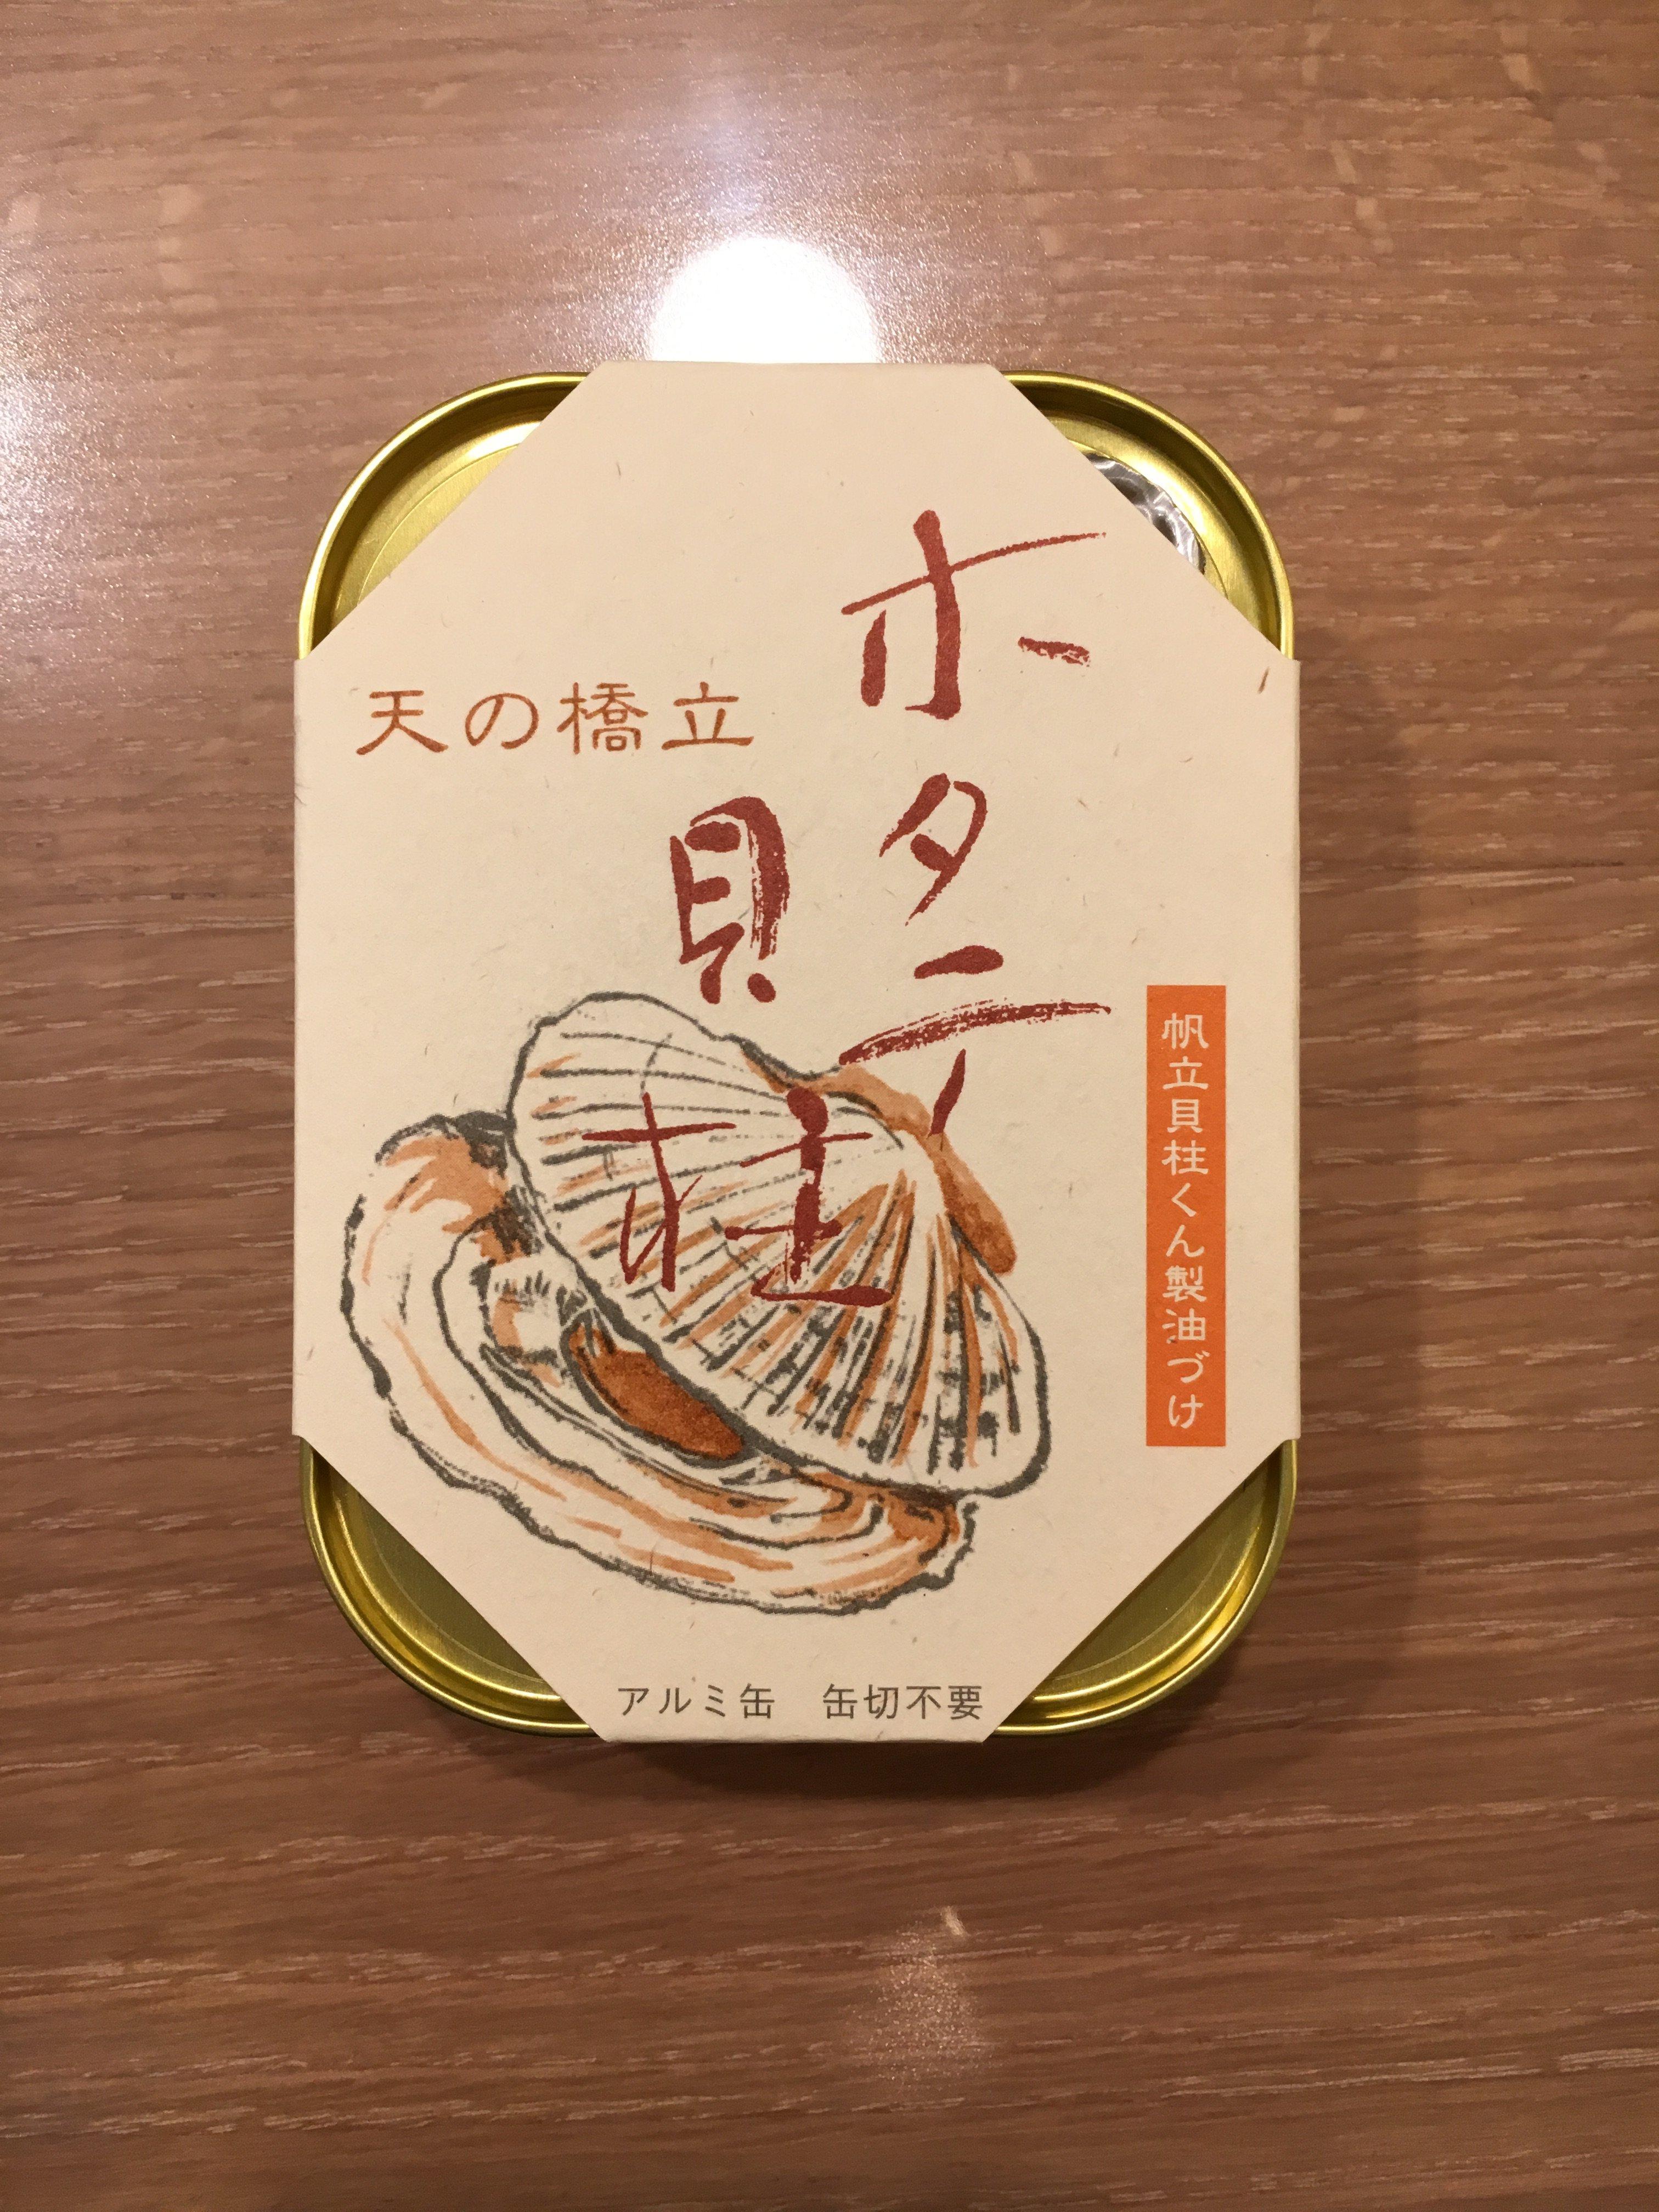 竹中缶詰 天の橋立 ホタテ貝柱くん製油づけ  間違いなしの美味しさ